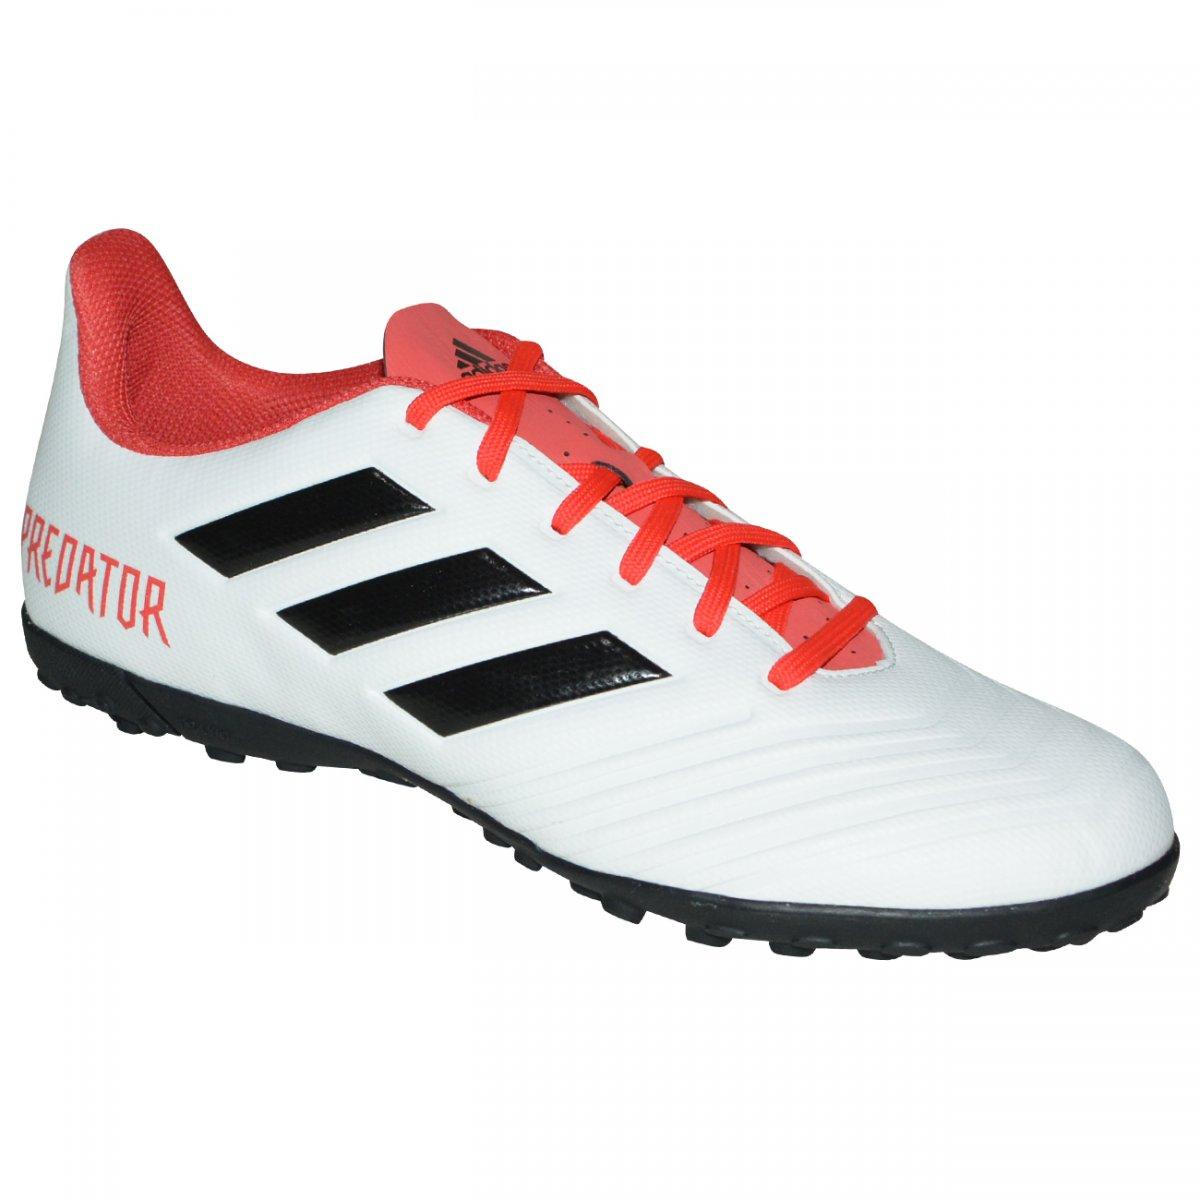 0c4b0be19c Chuteira Society Adidas Predator Tango 18.4 CP9932 - Branco preto vermelho  - Chuteira Nike